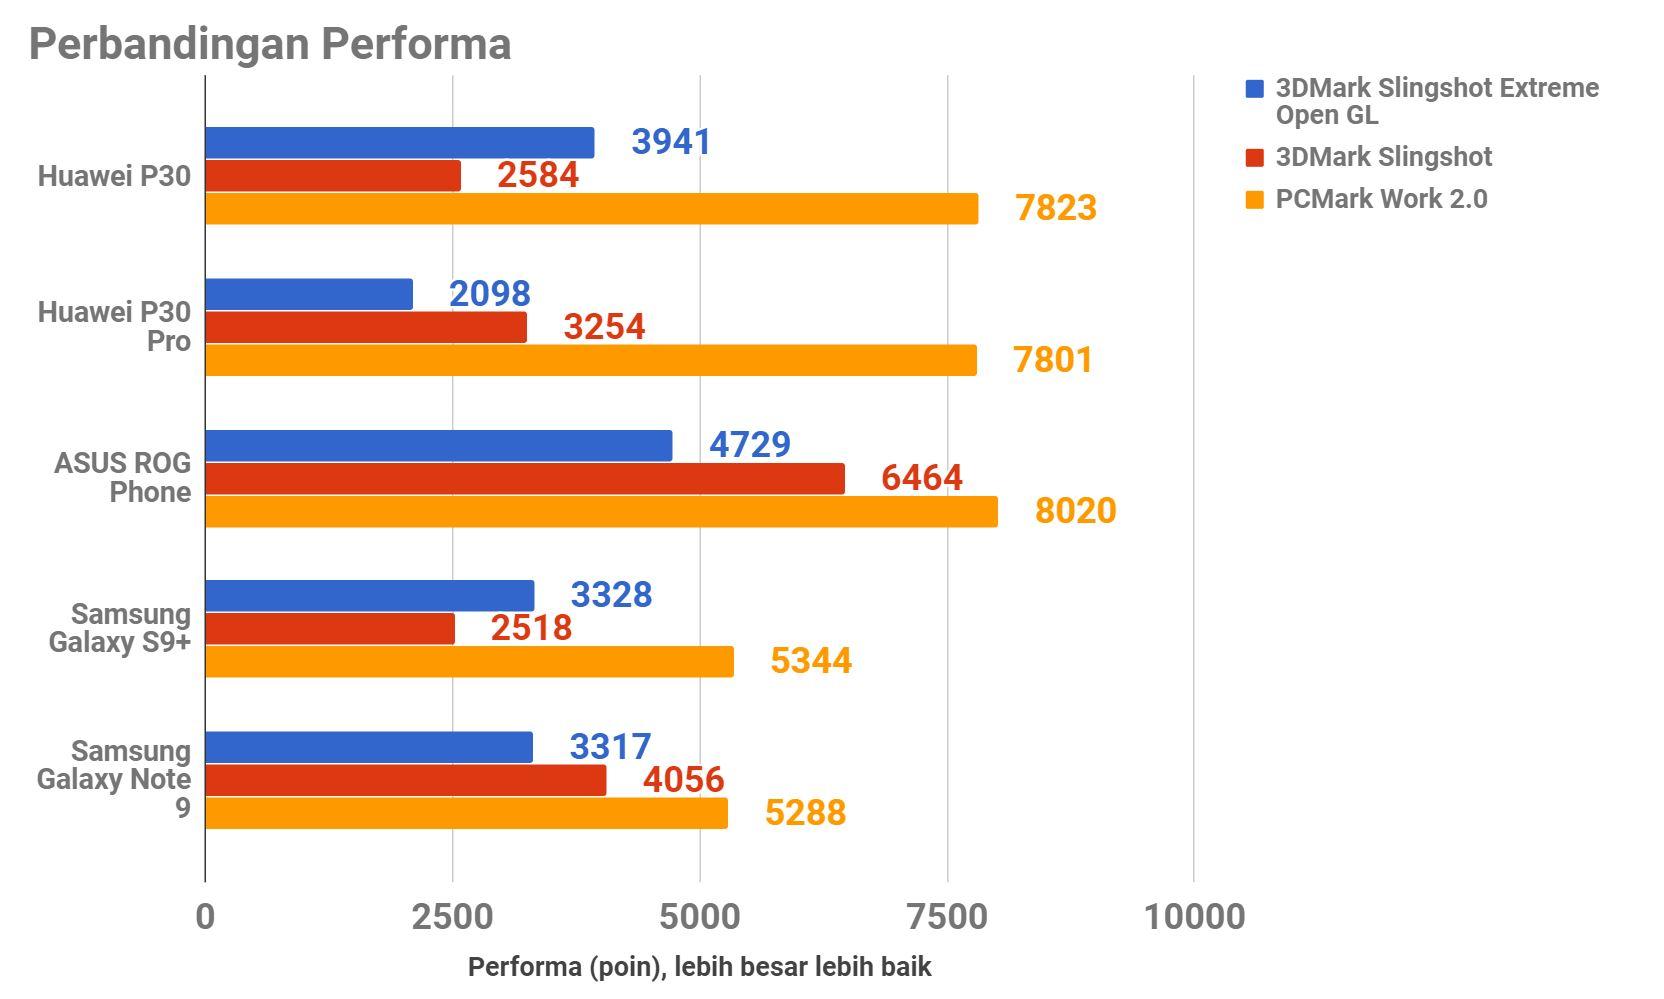 Huawei P30, Alternatif Terbaik Huawei P30 Pro